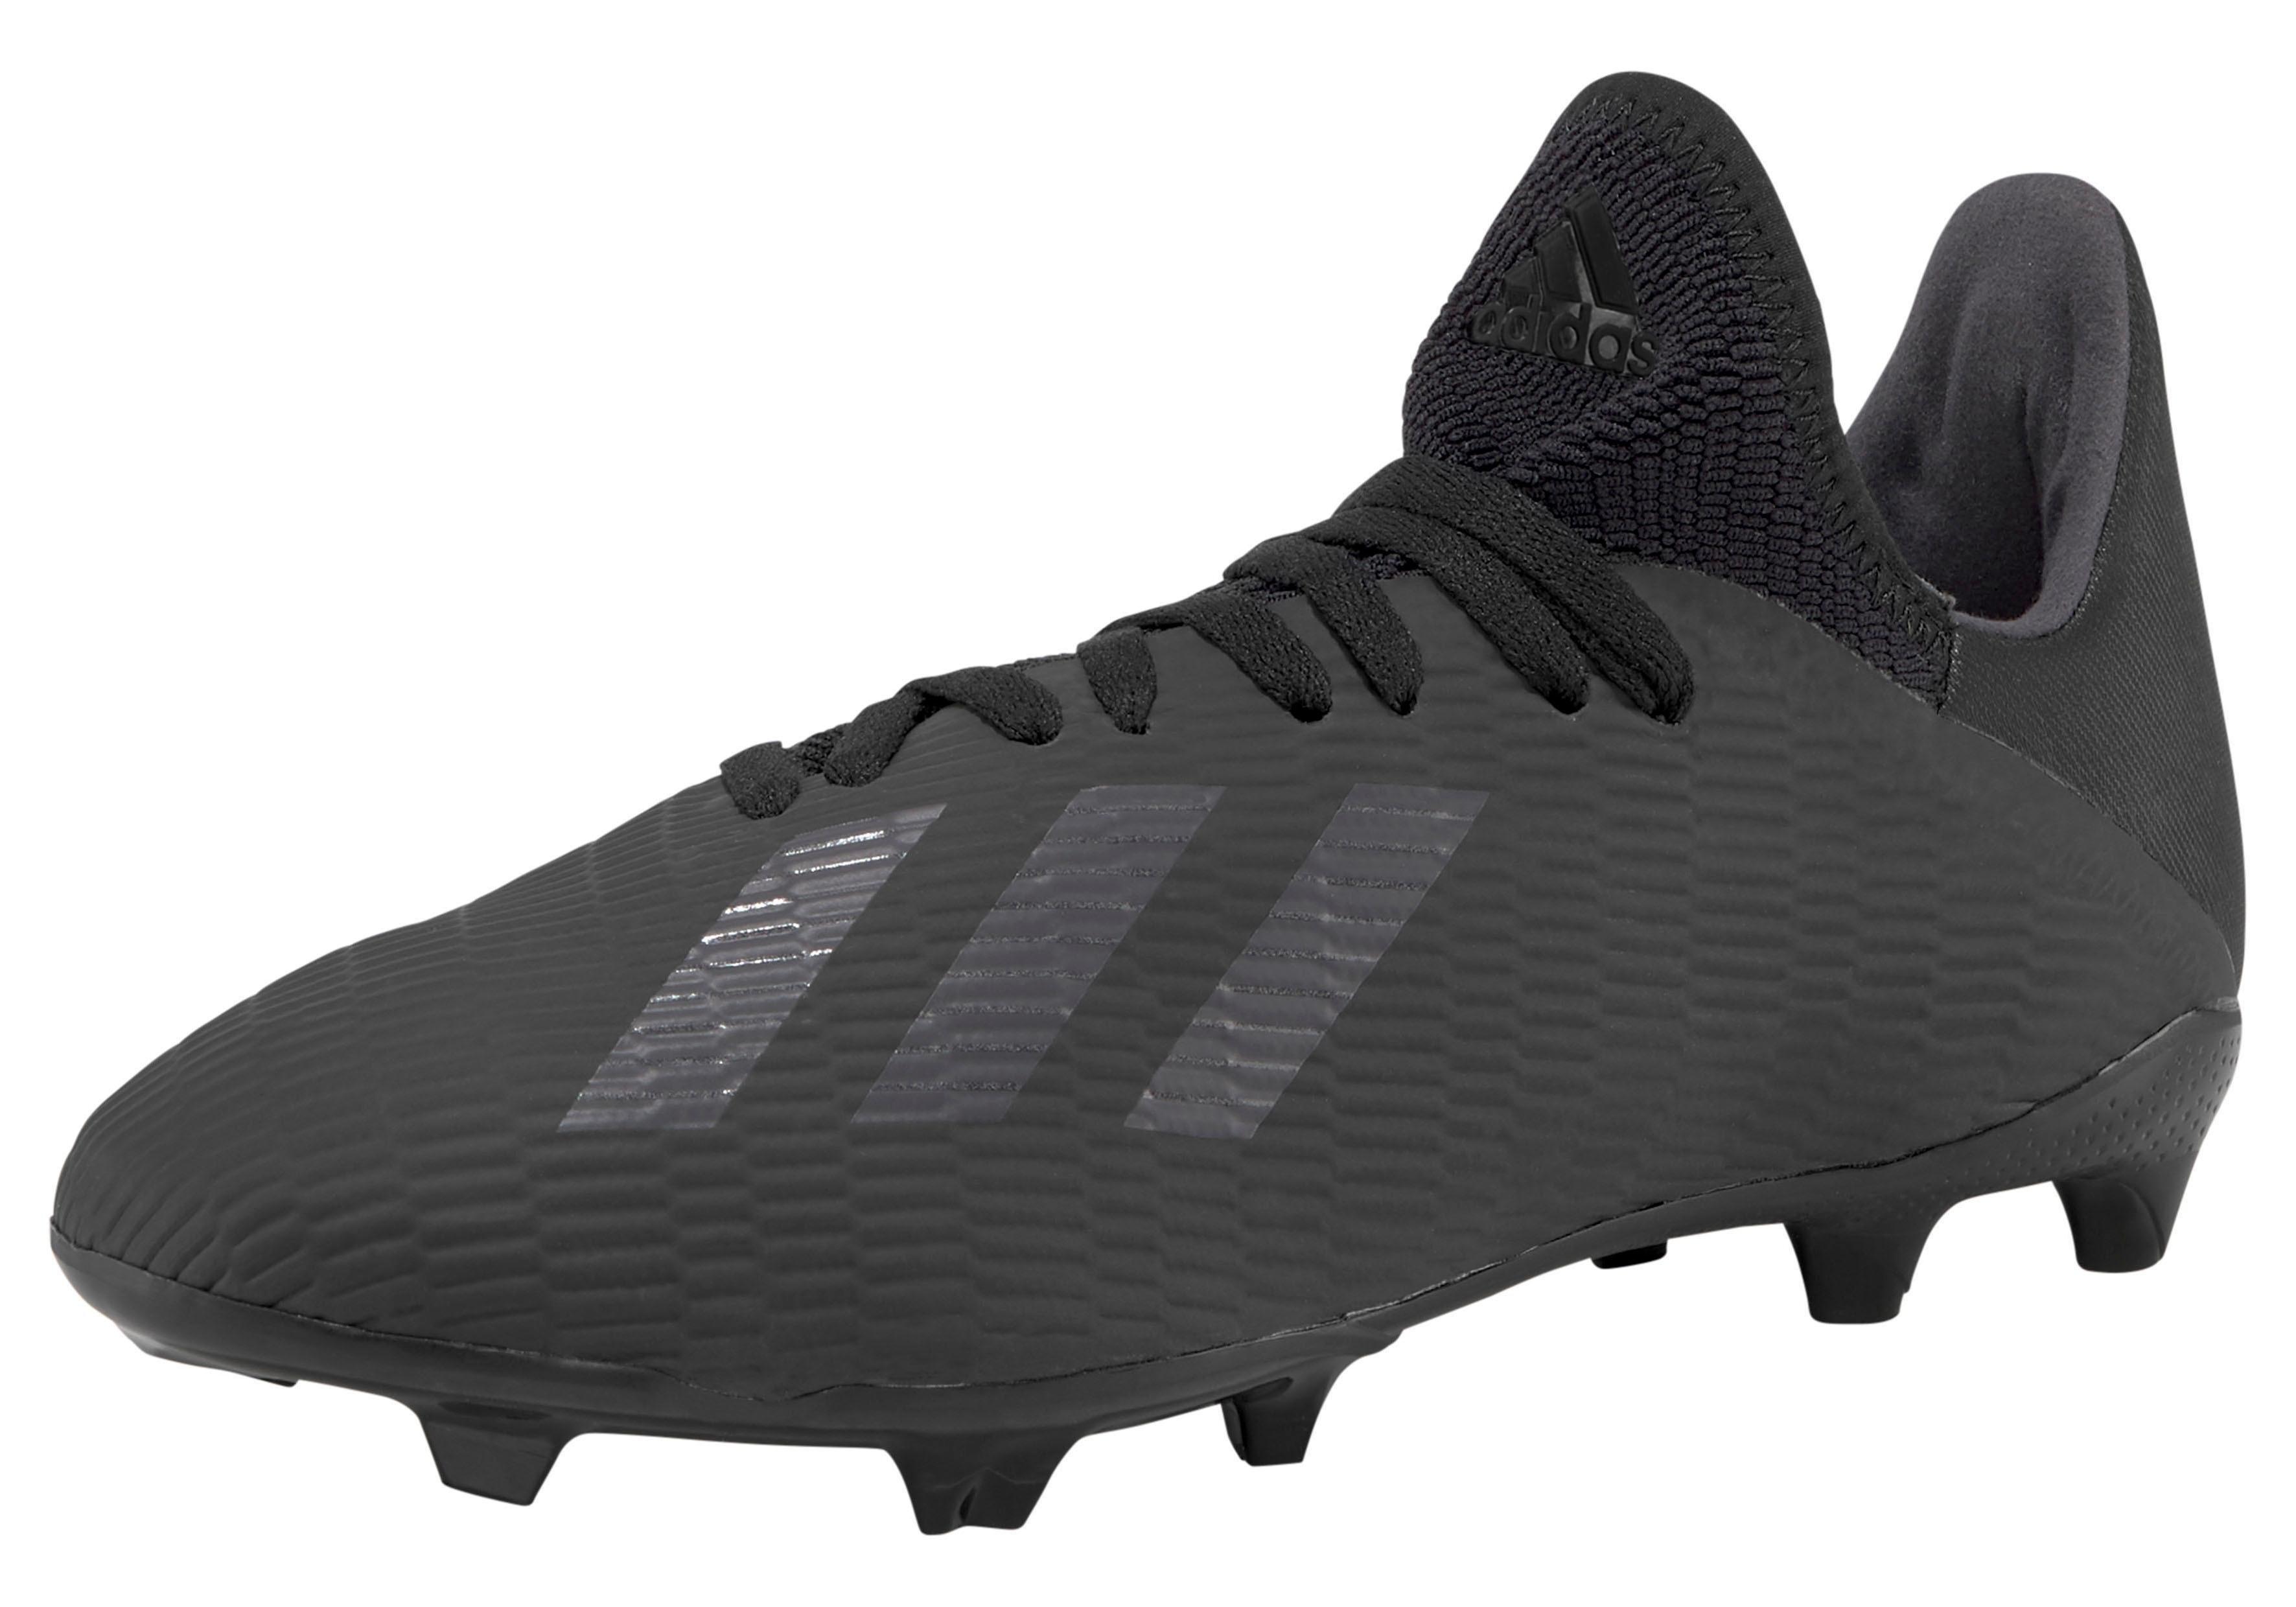 adidas Performance voetbalschoenen »X 19.3 FG Junior« nu online kopen bij OTTO